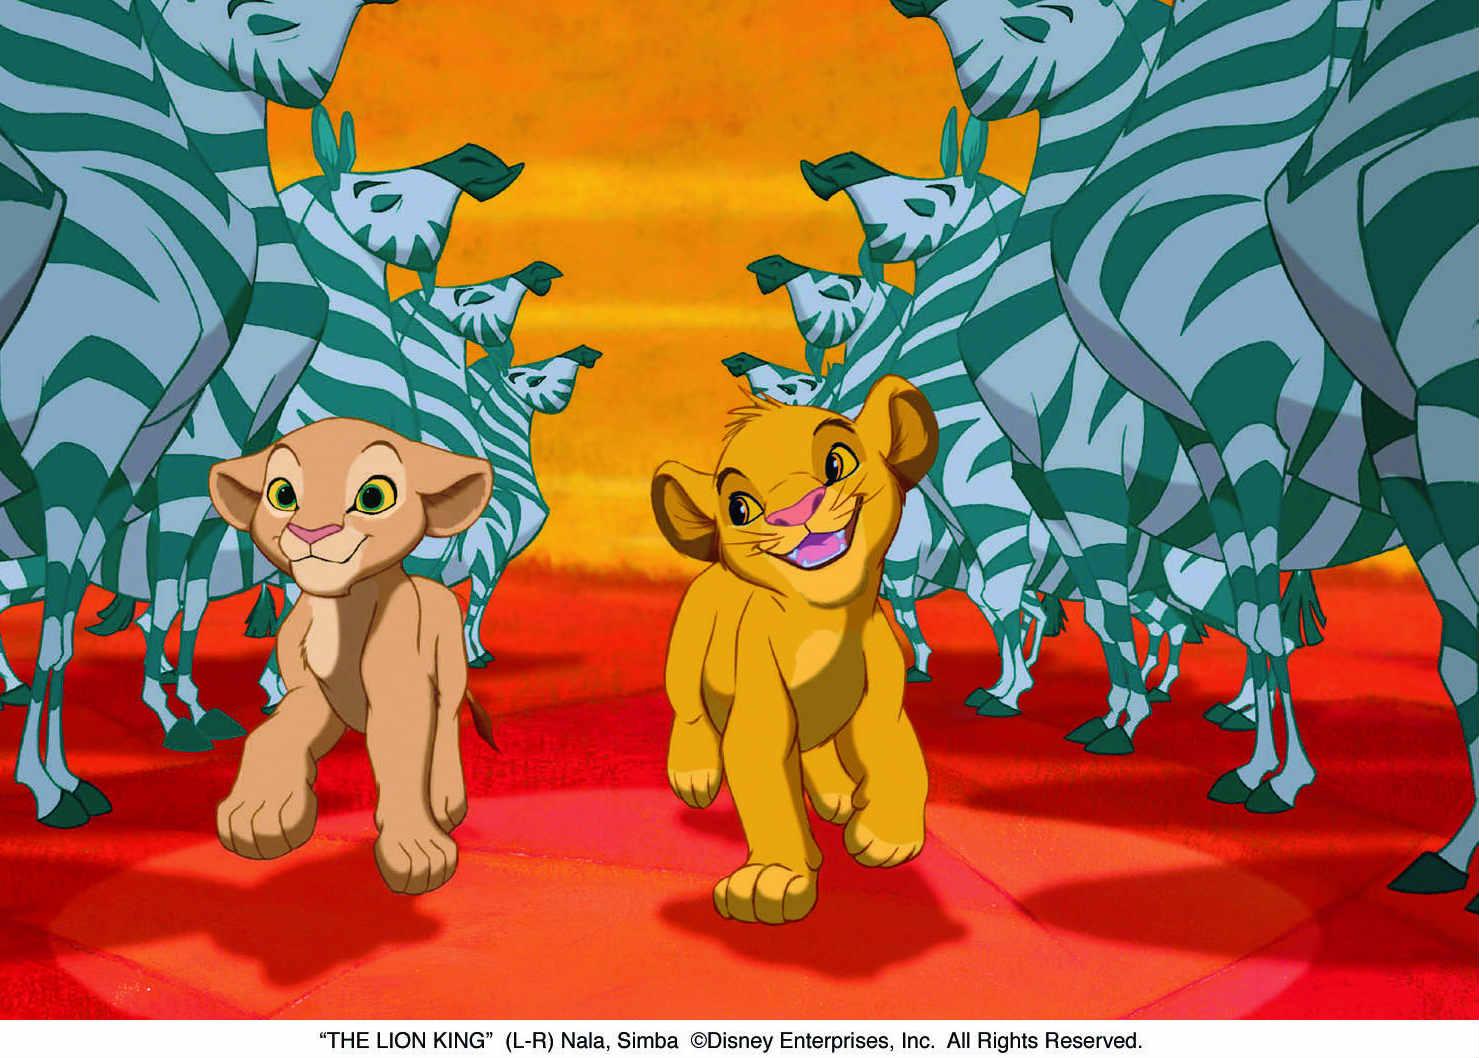 løvernes konge in ril life